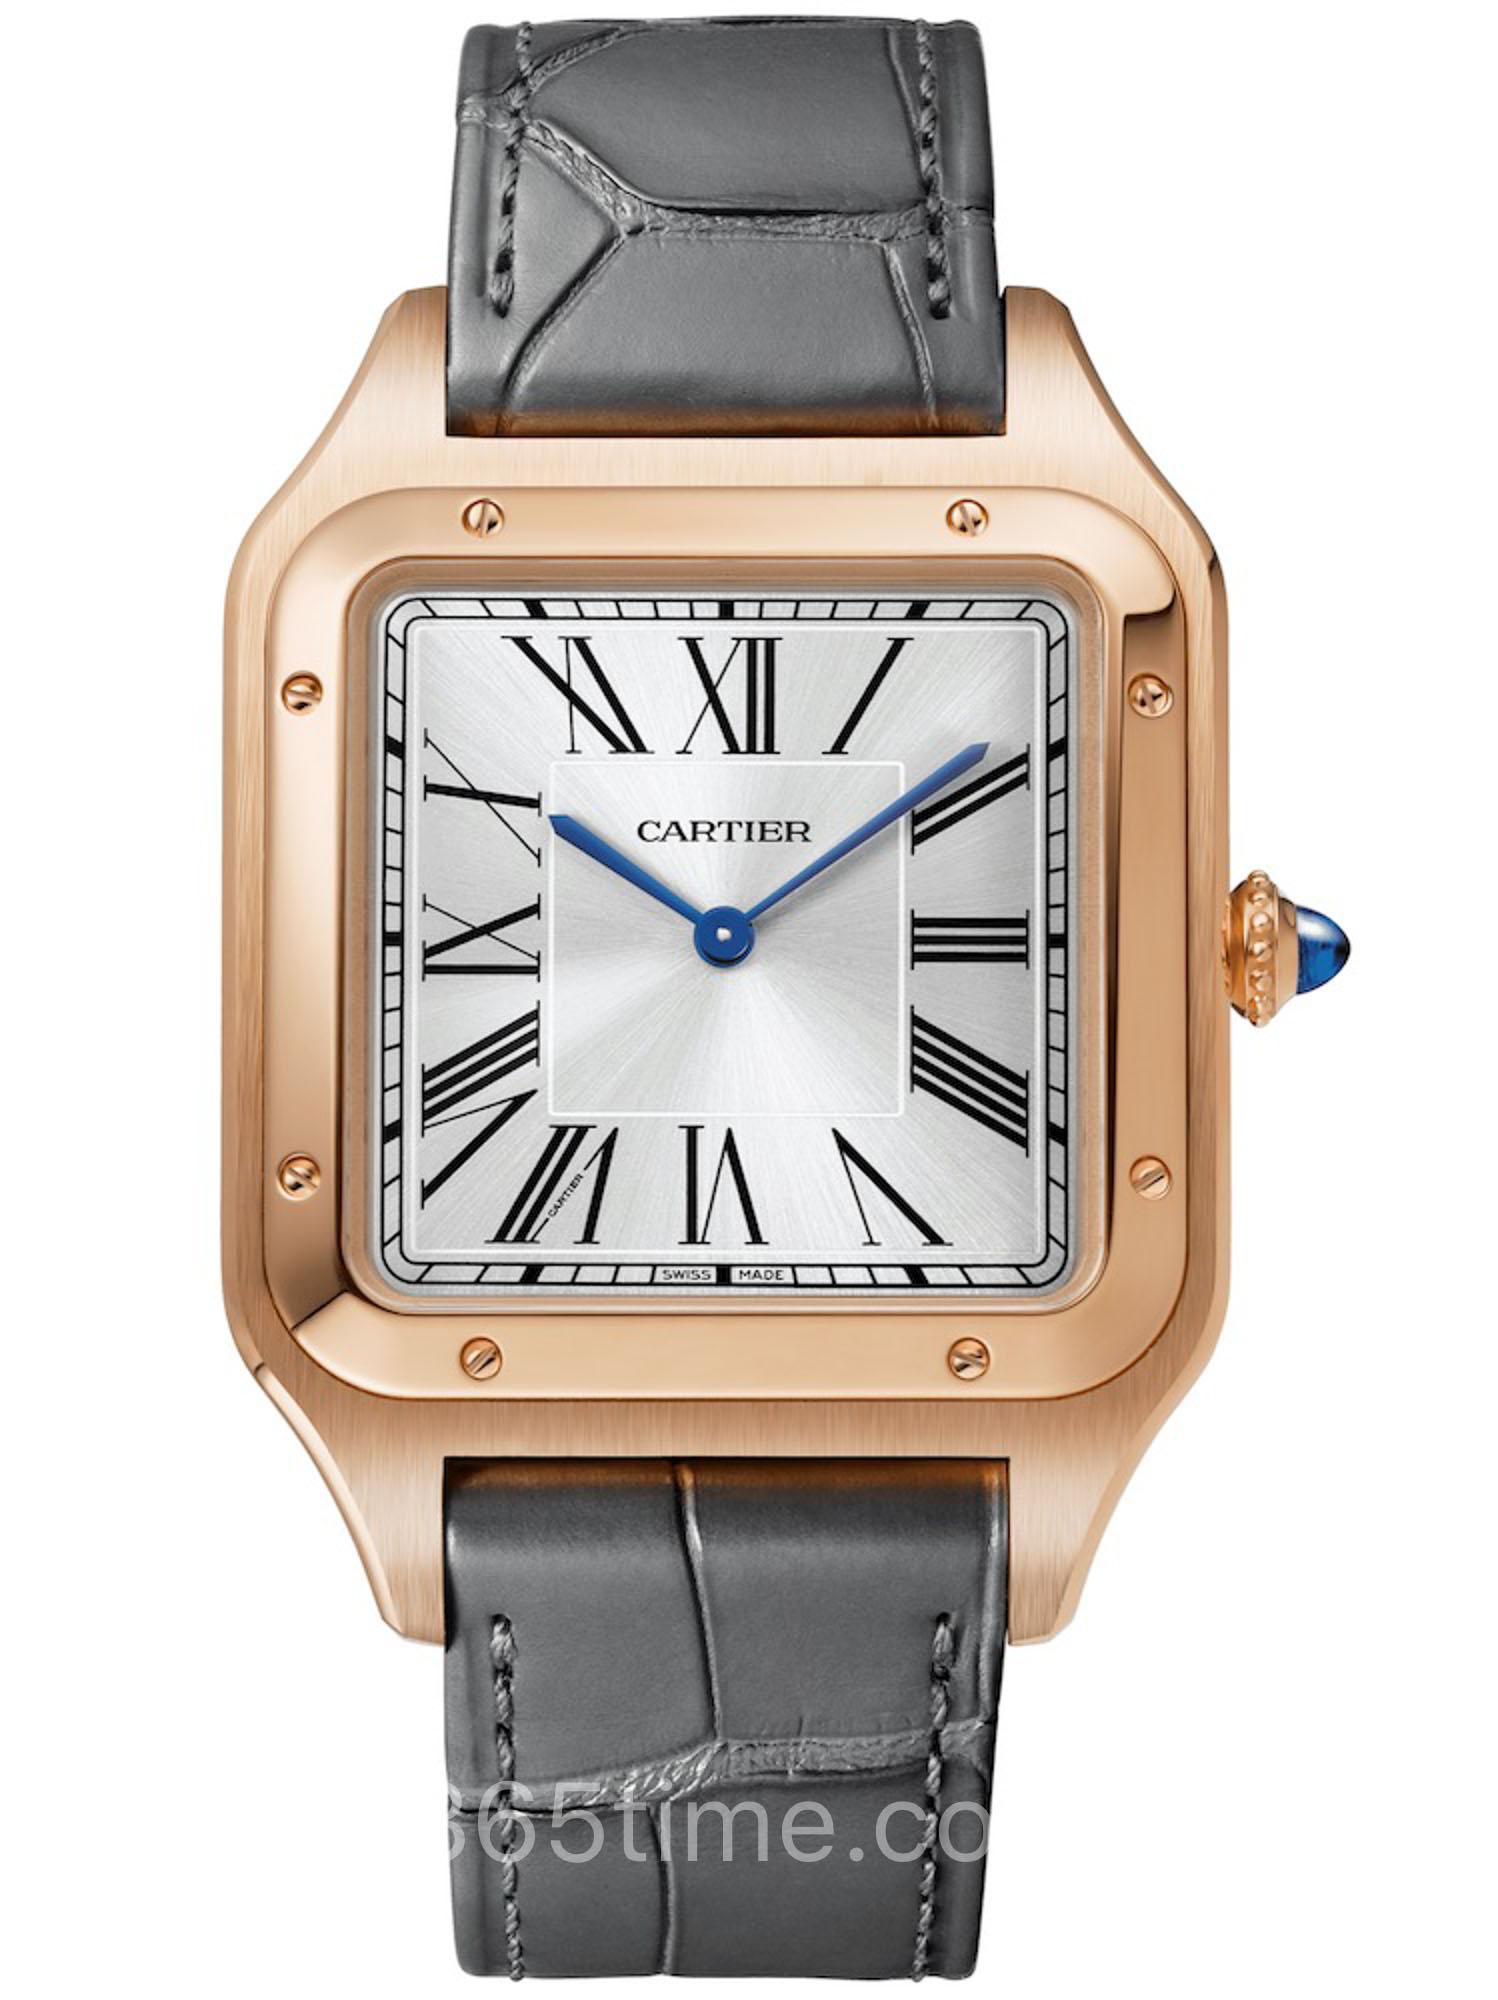 卡地亚SANTOS-DUMONT腕表XL号玫瑰金款腕表CRWGSA0032